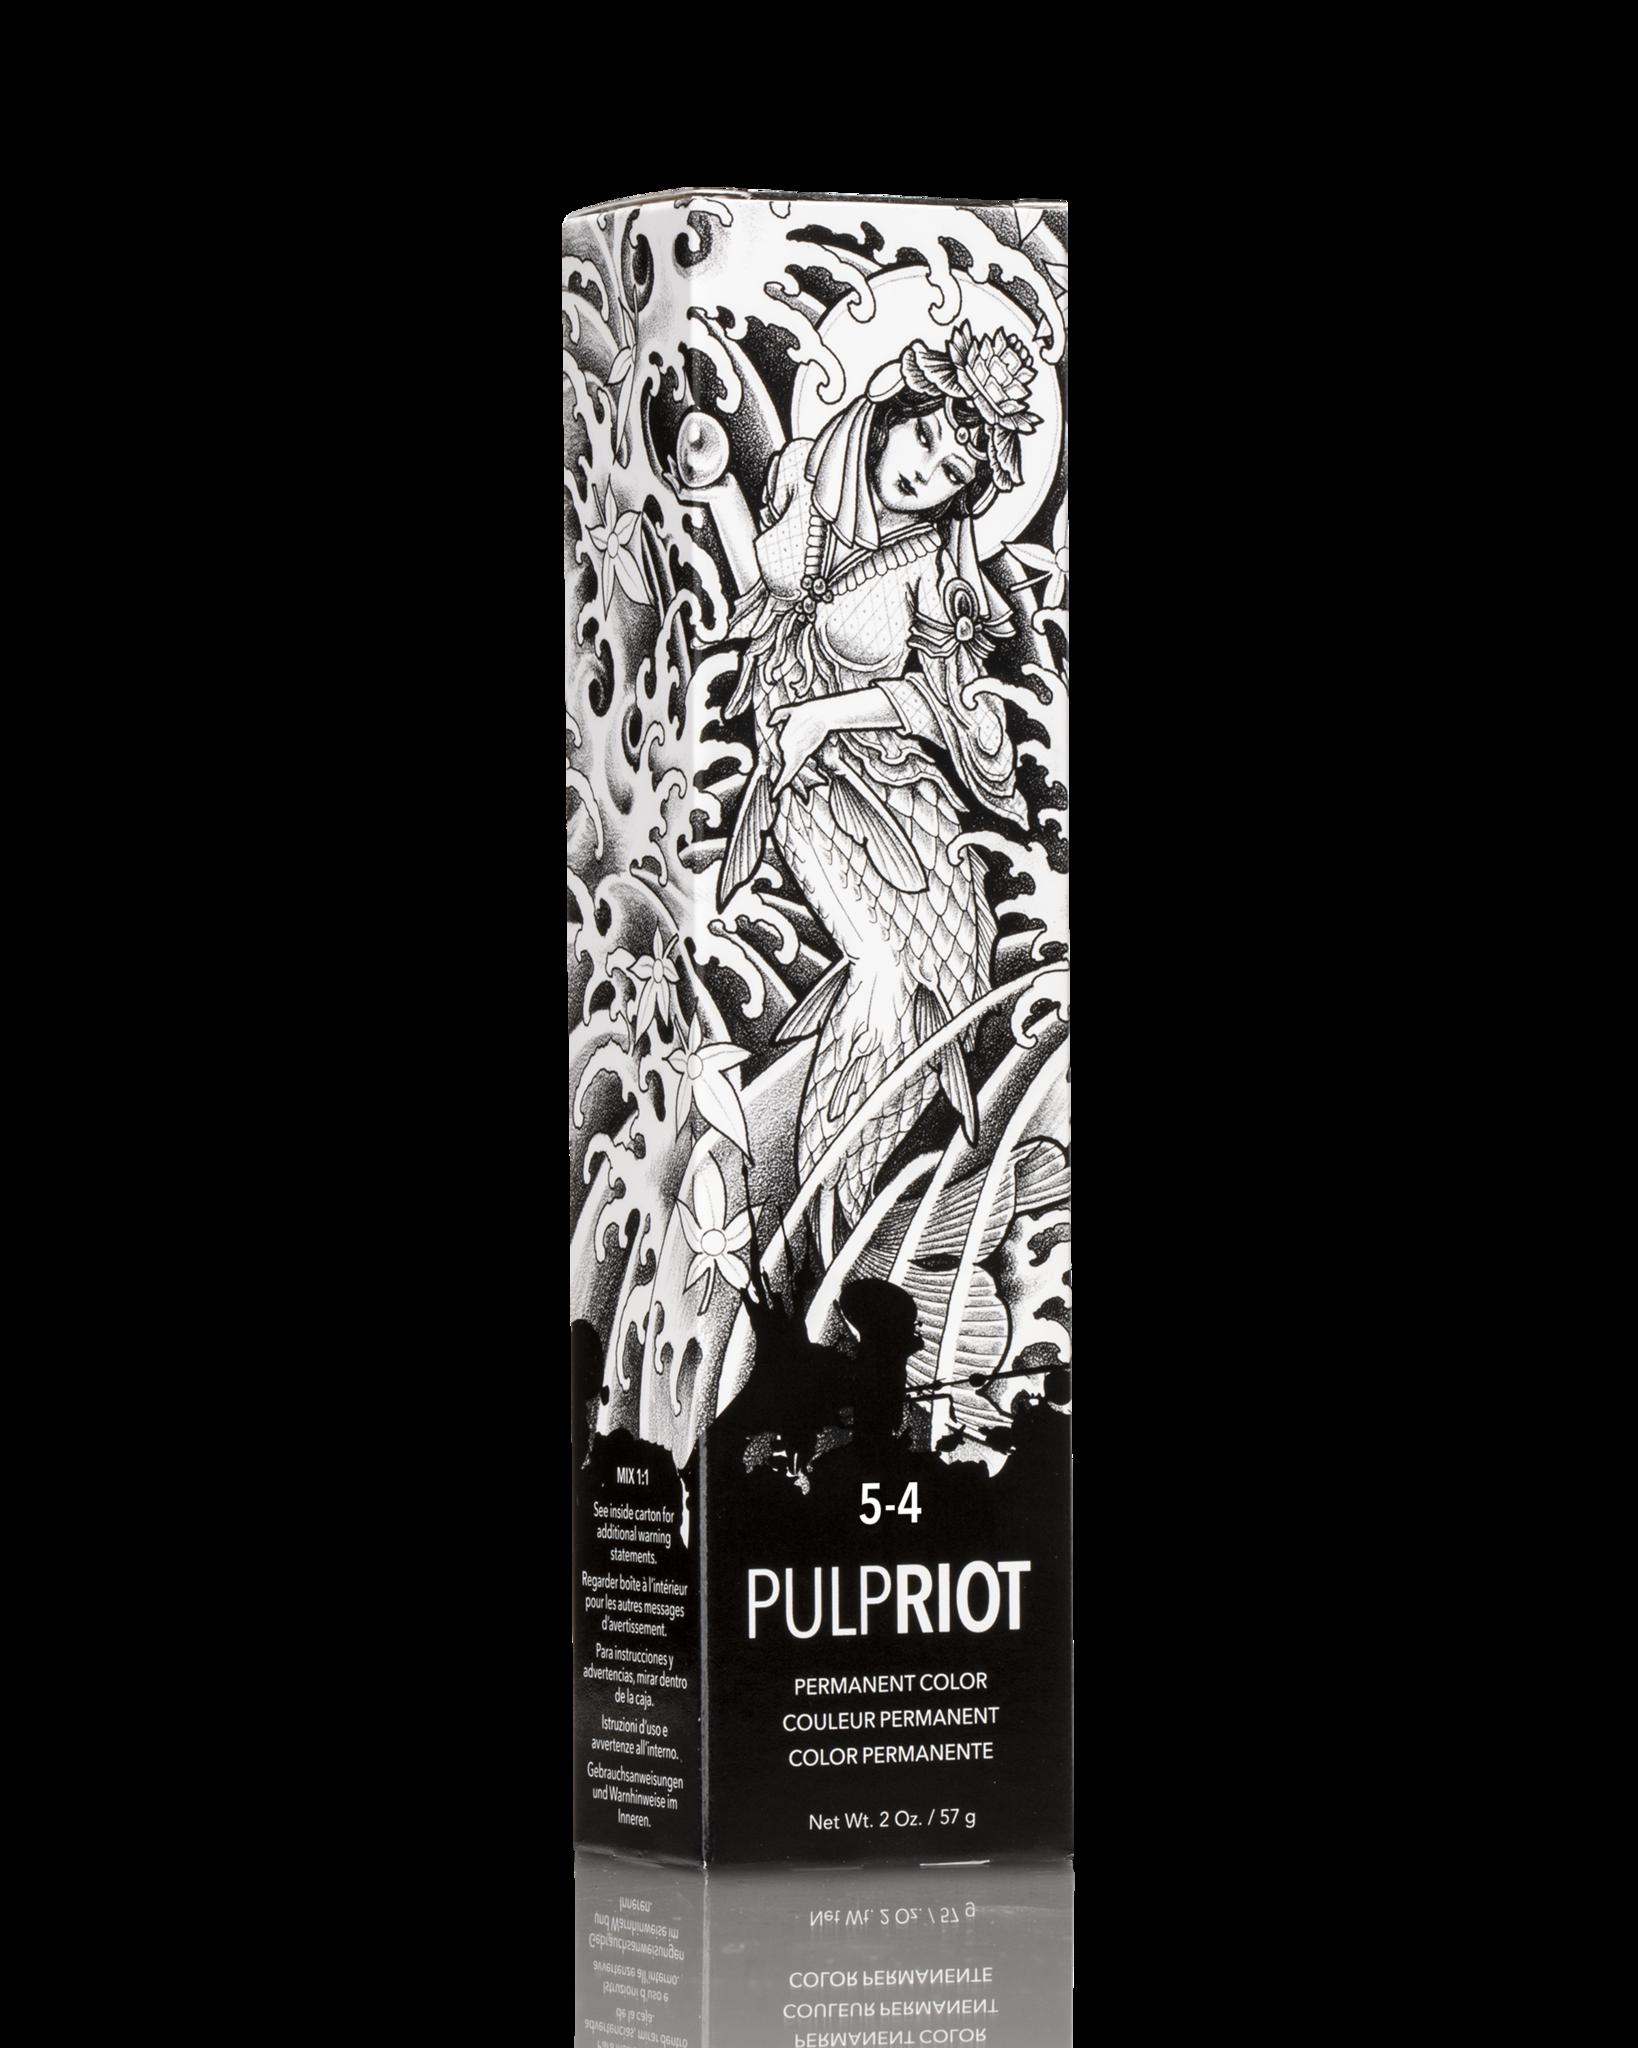 Pulp Riot PULP RIOT FACTION 8 CUIVRÉ/COPPER 5-4